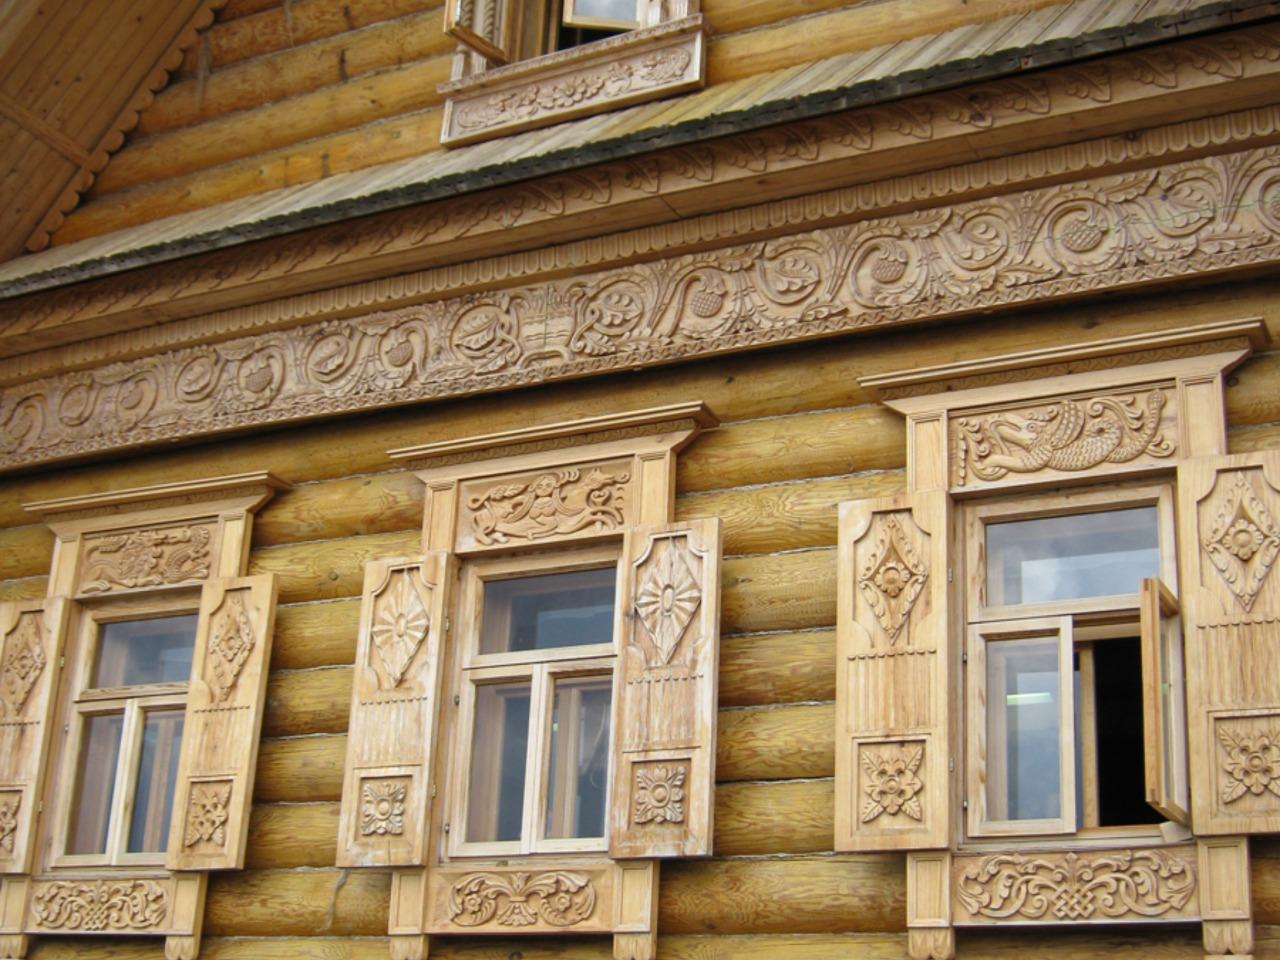 Легенды Малого Китежа - индивидуальная экскурсия по Нижнему Новгороду от опытного гида